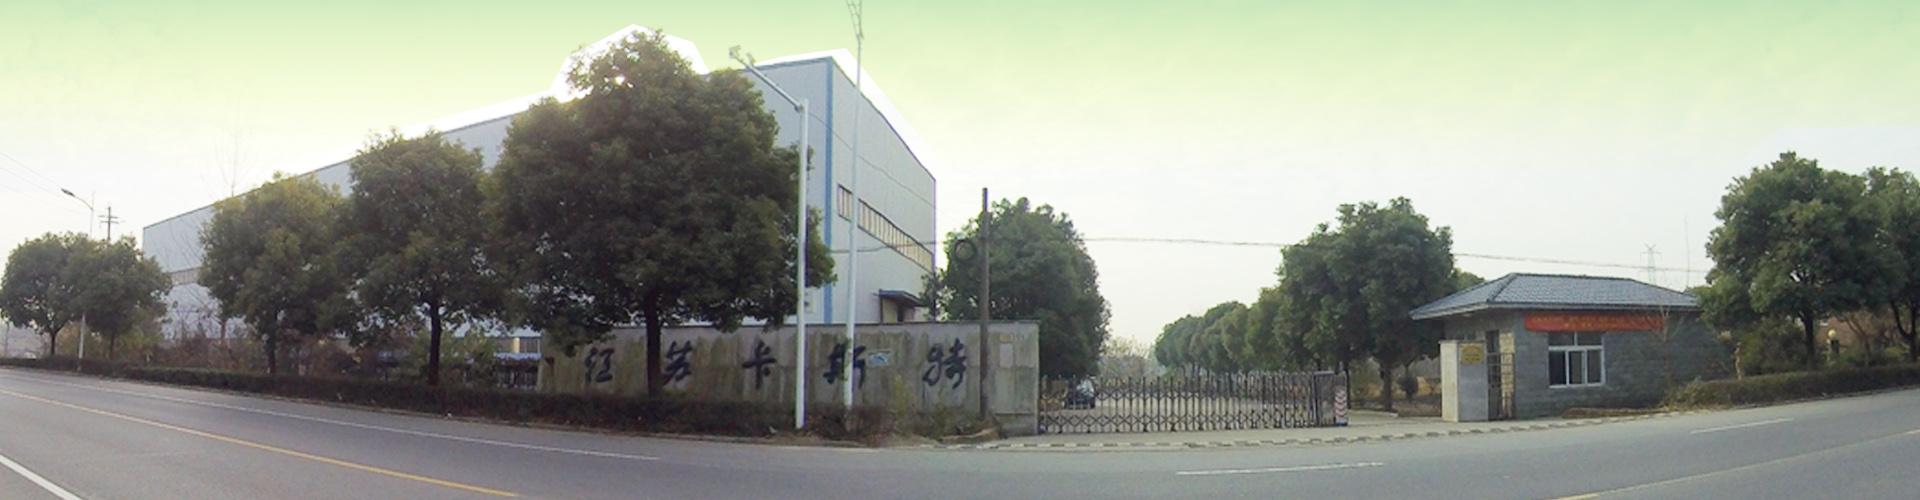 公司工厂大门